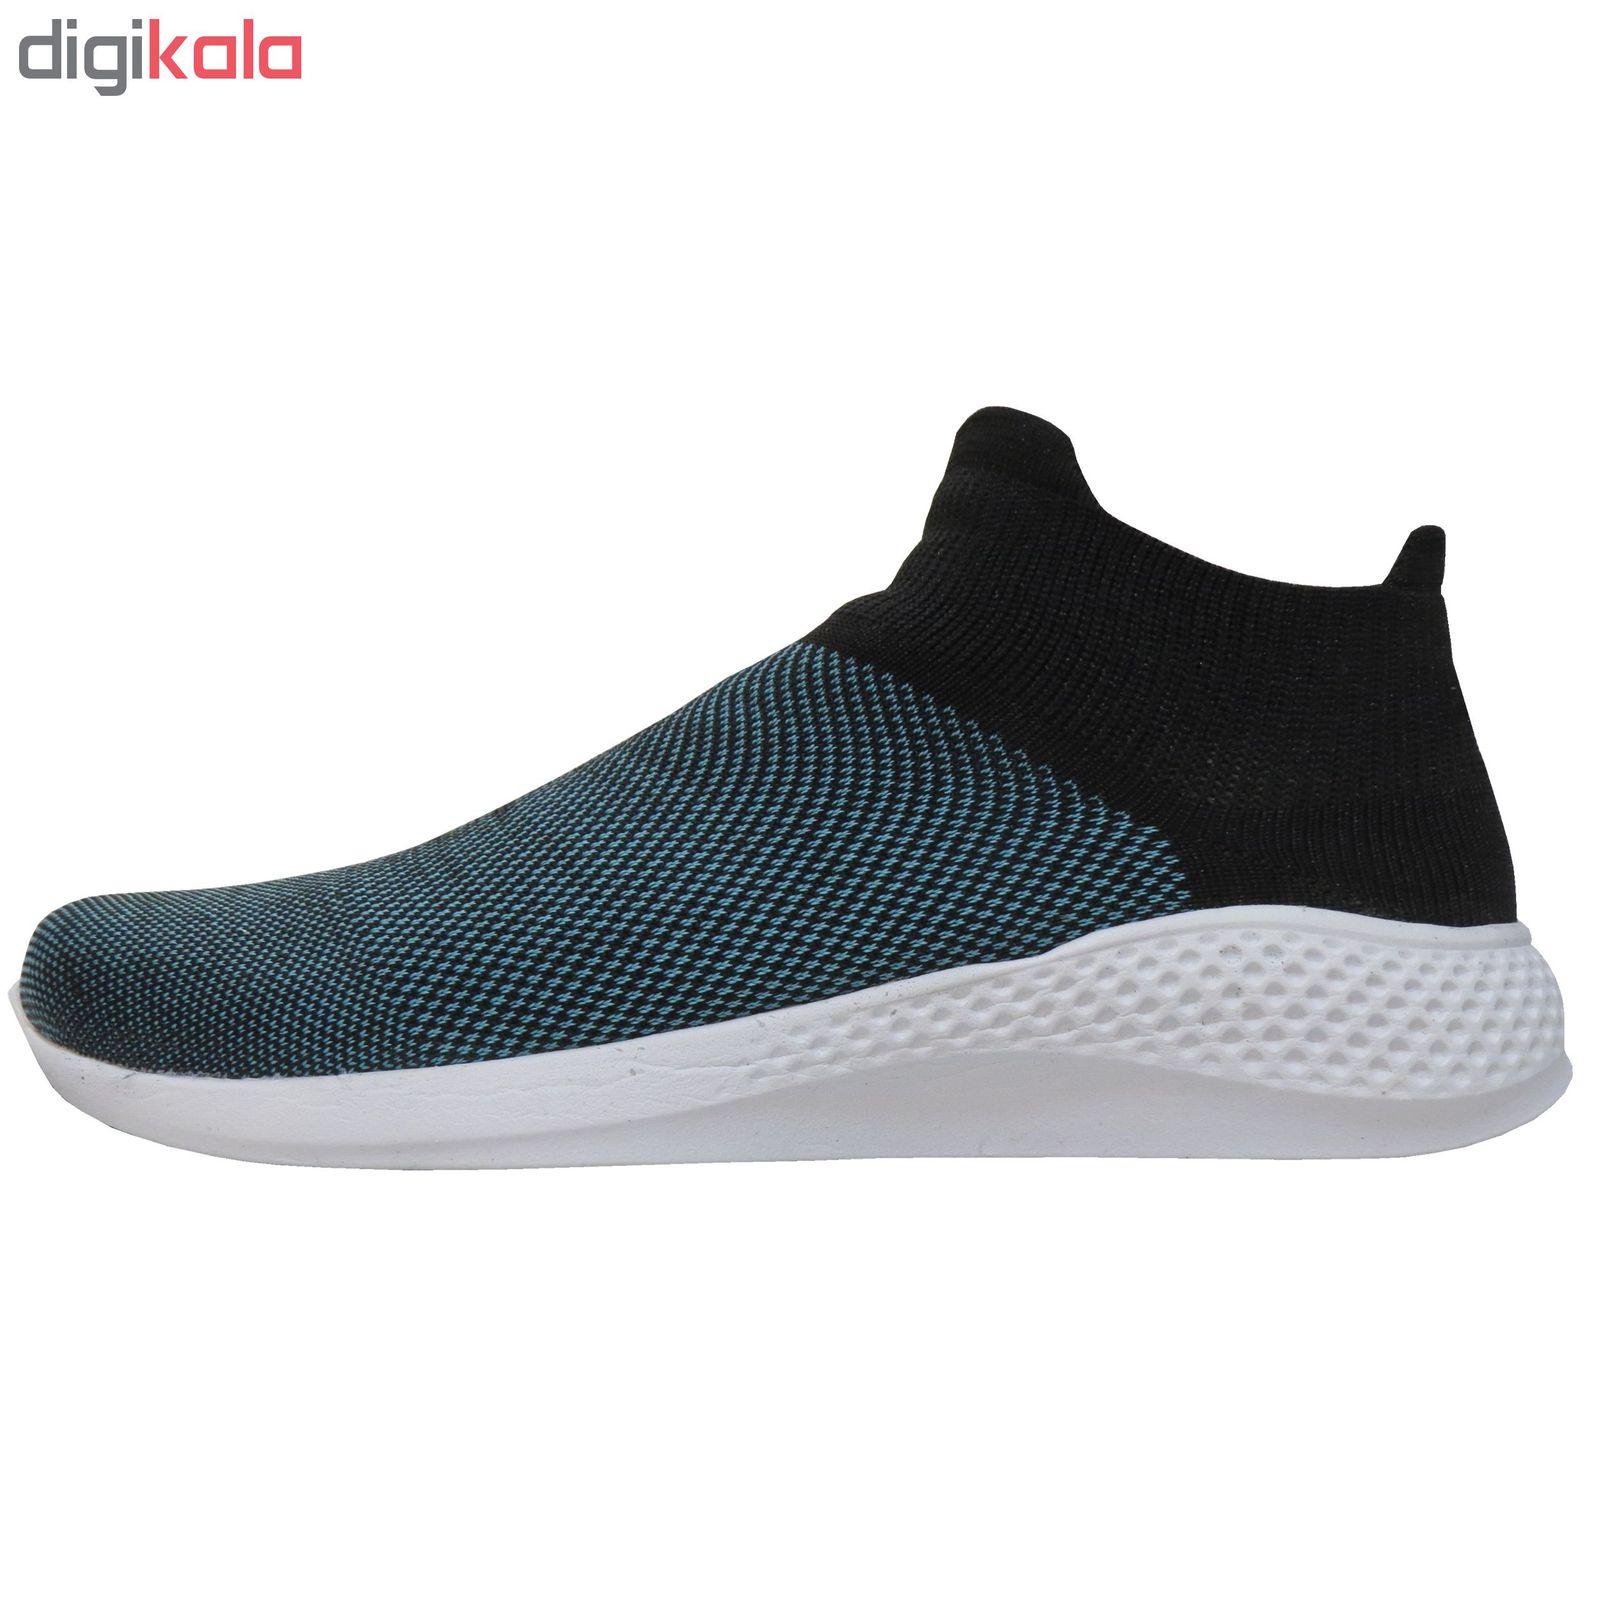 کفش مخصوص پیاده روی مدل Neyshabur main 1 1